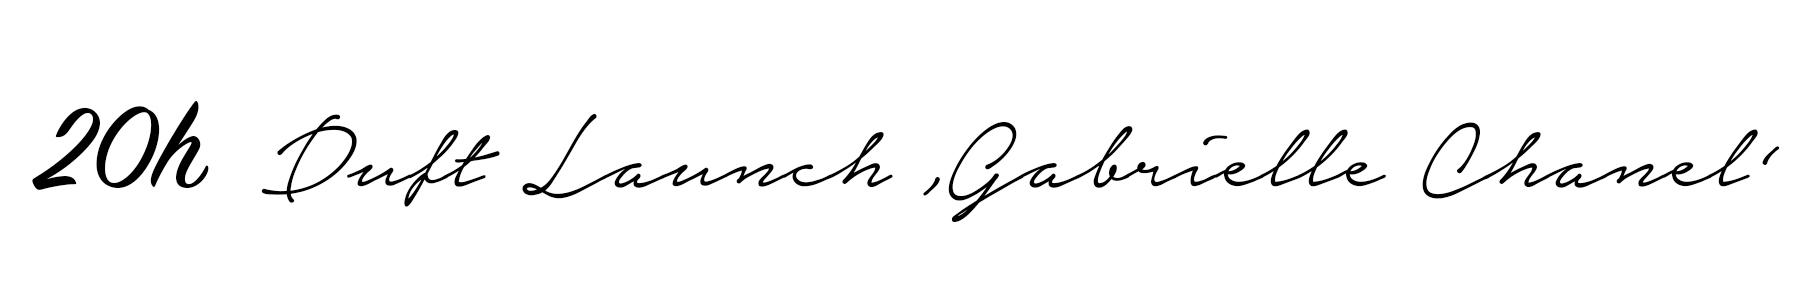 Das neue Gabrielle Chanel Parfum